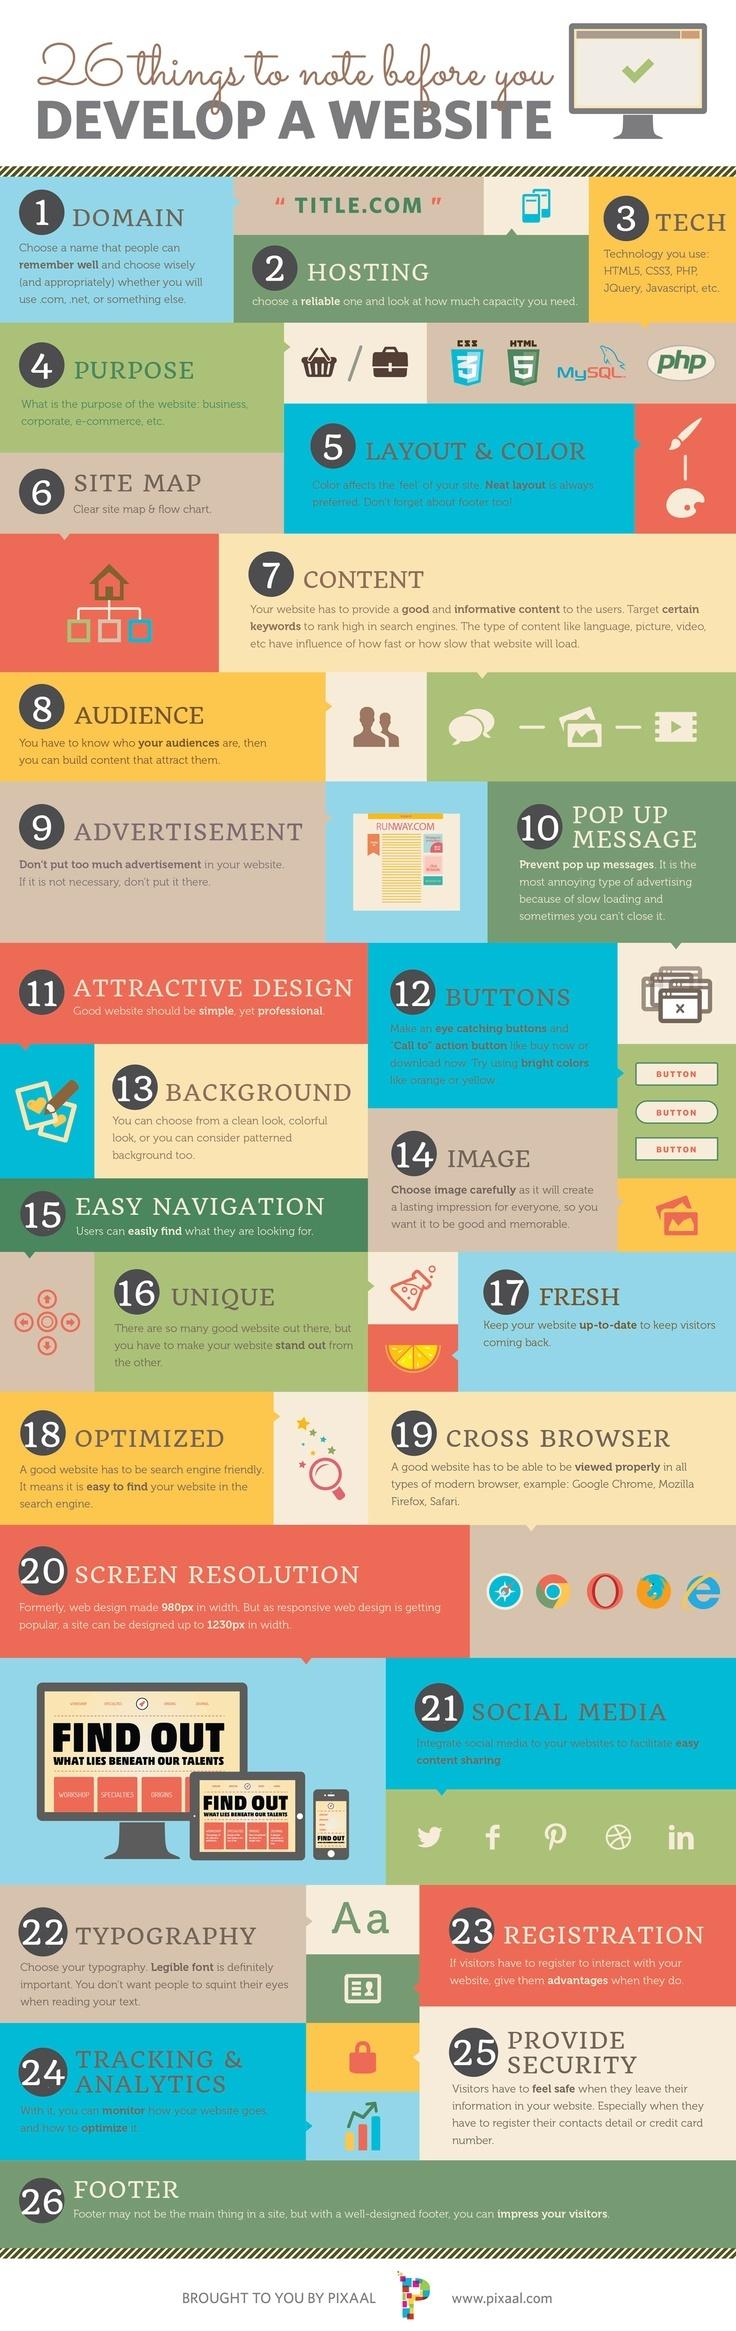 Develop a website